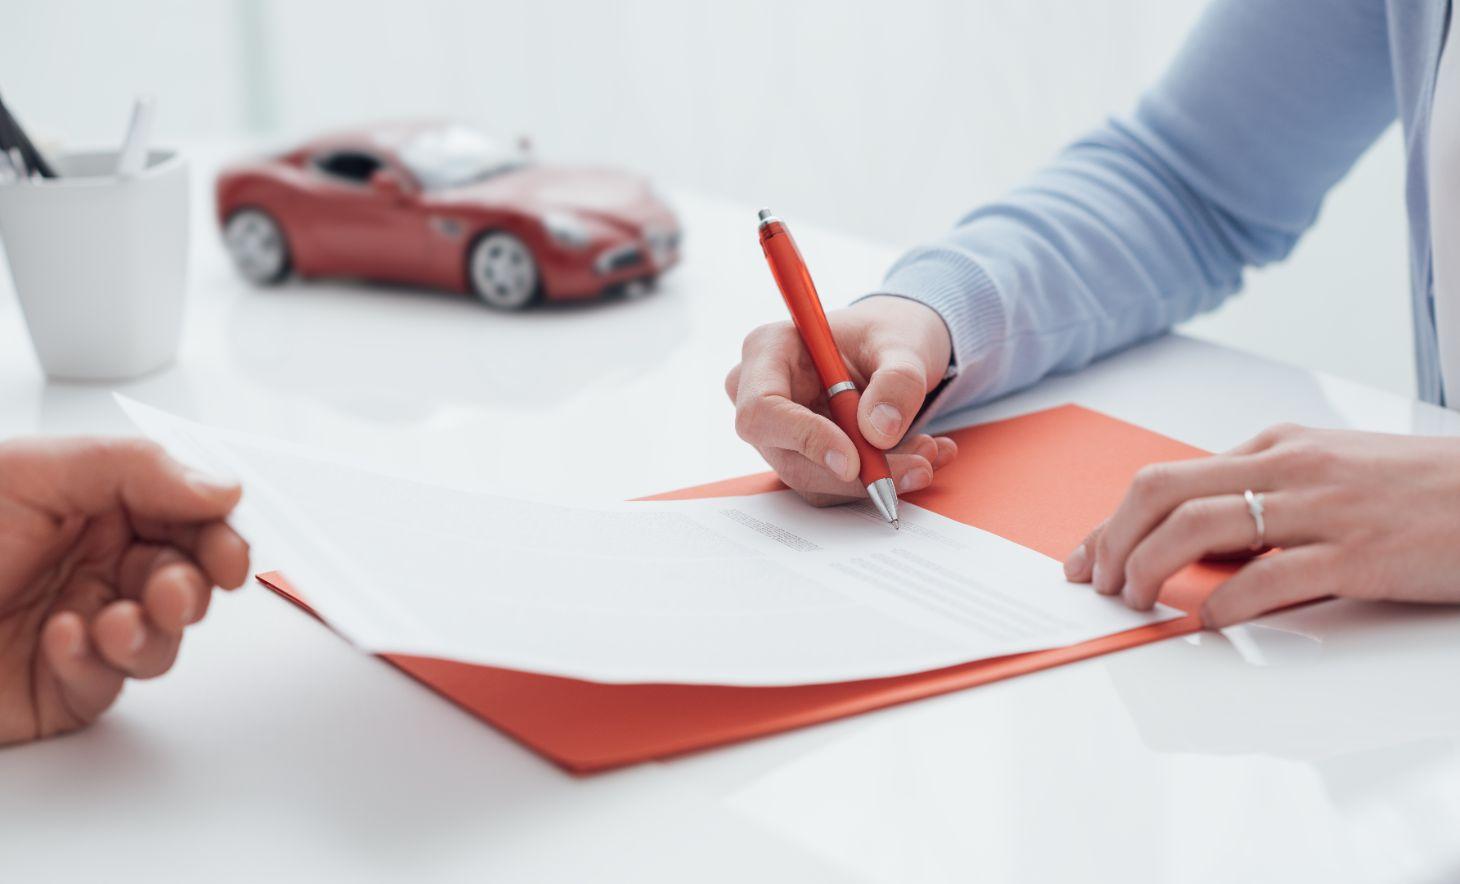 mulher de camisa social assina documento com carrinho de brinquedo vermelho ao fundo indicando contrato de carro por assinatura